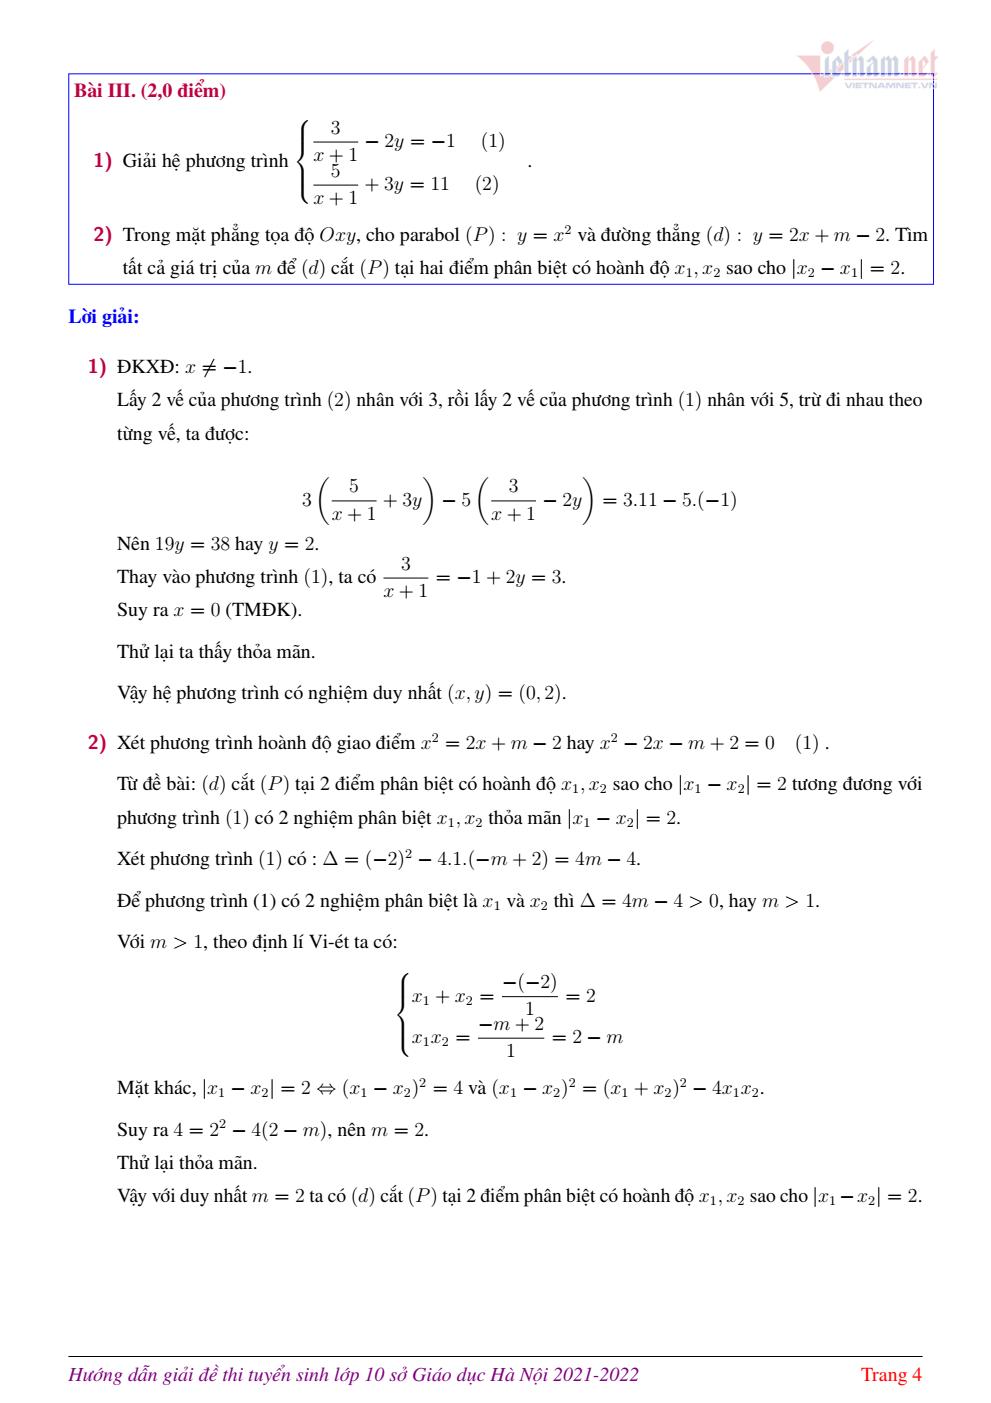 Lời giải đề thi lớp 10 môn Toán của Hà Nội